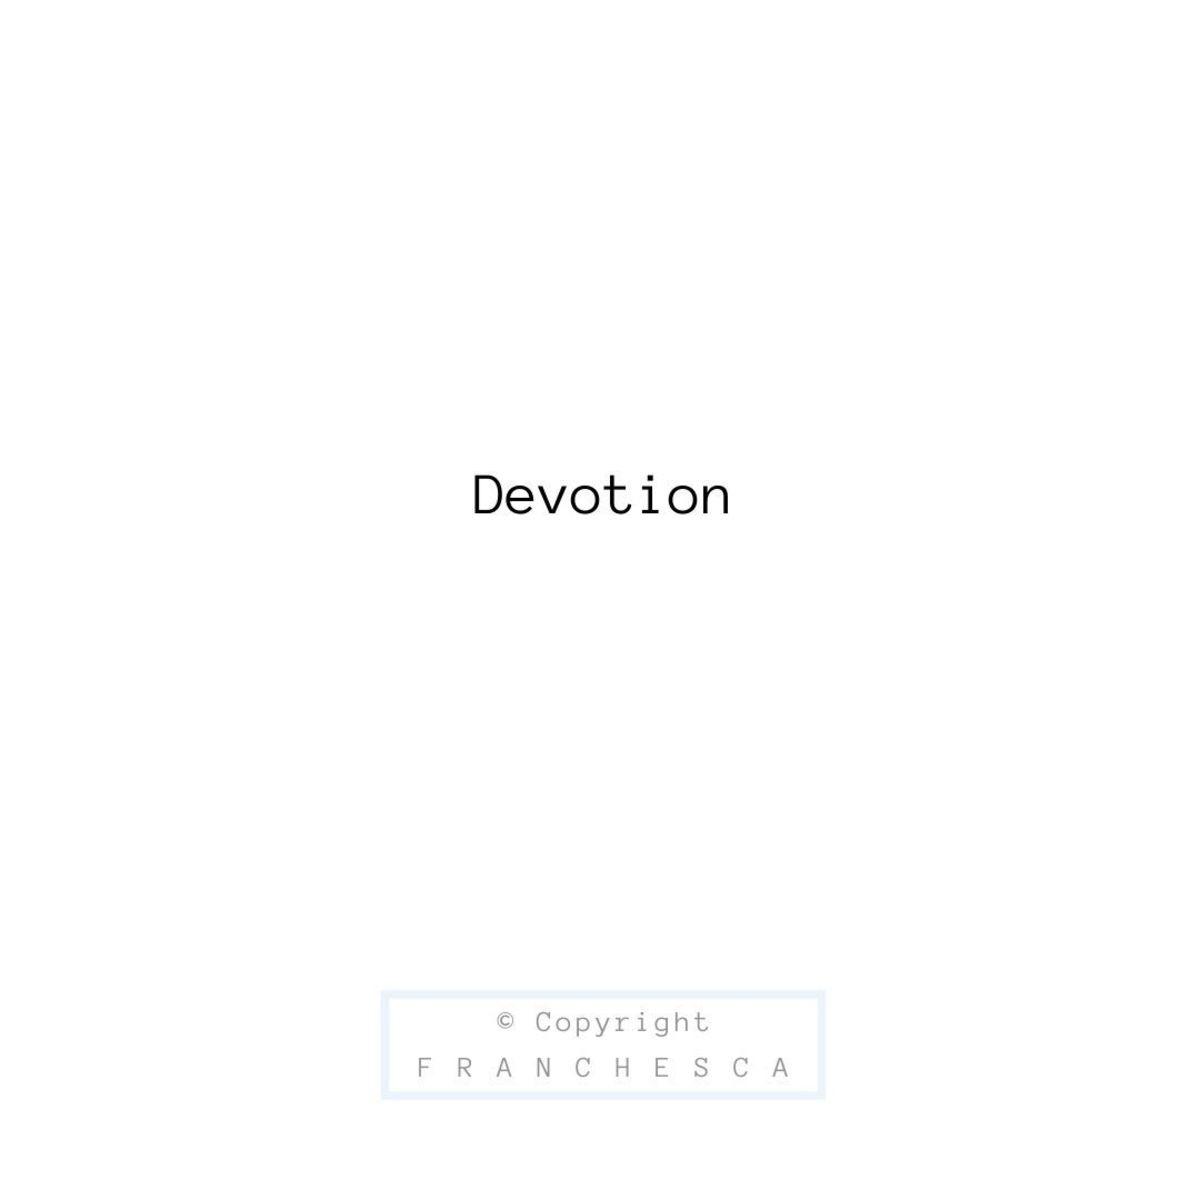 34th Article: Devotion